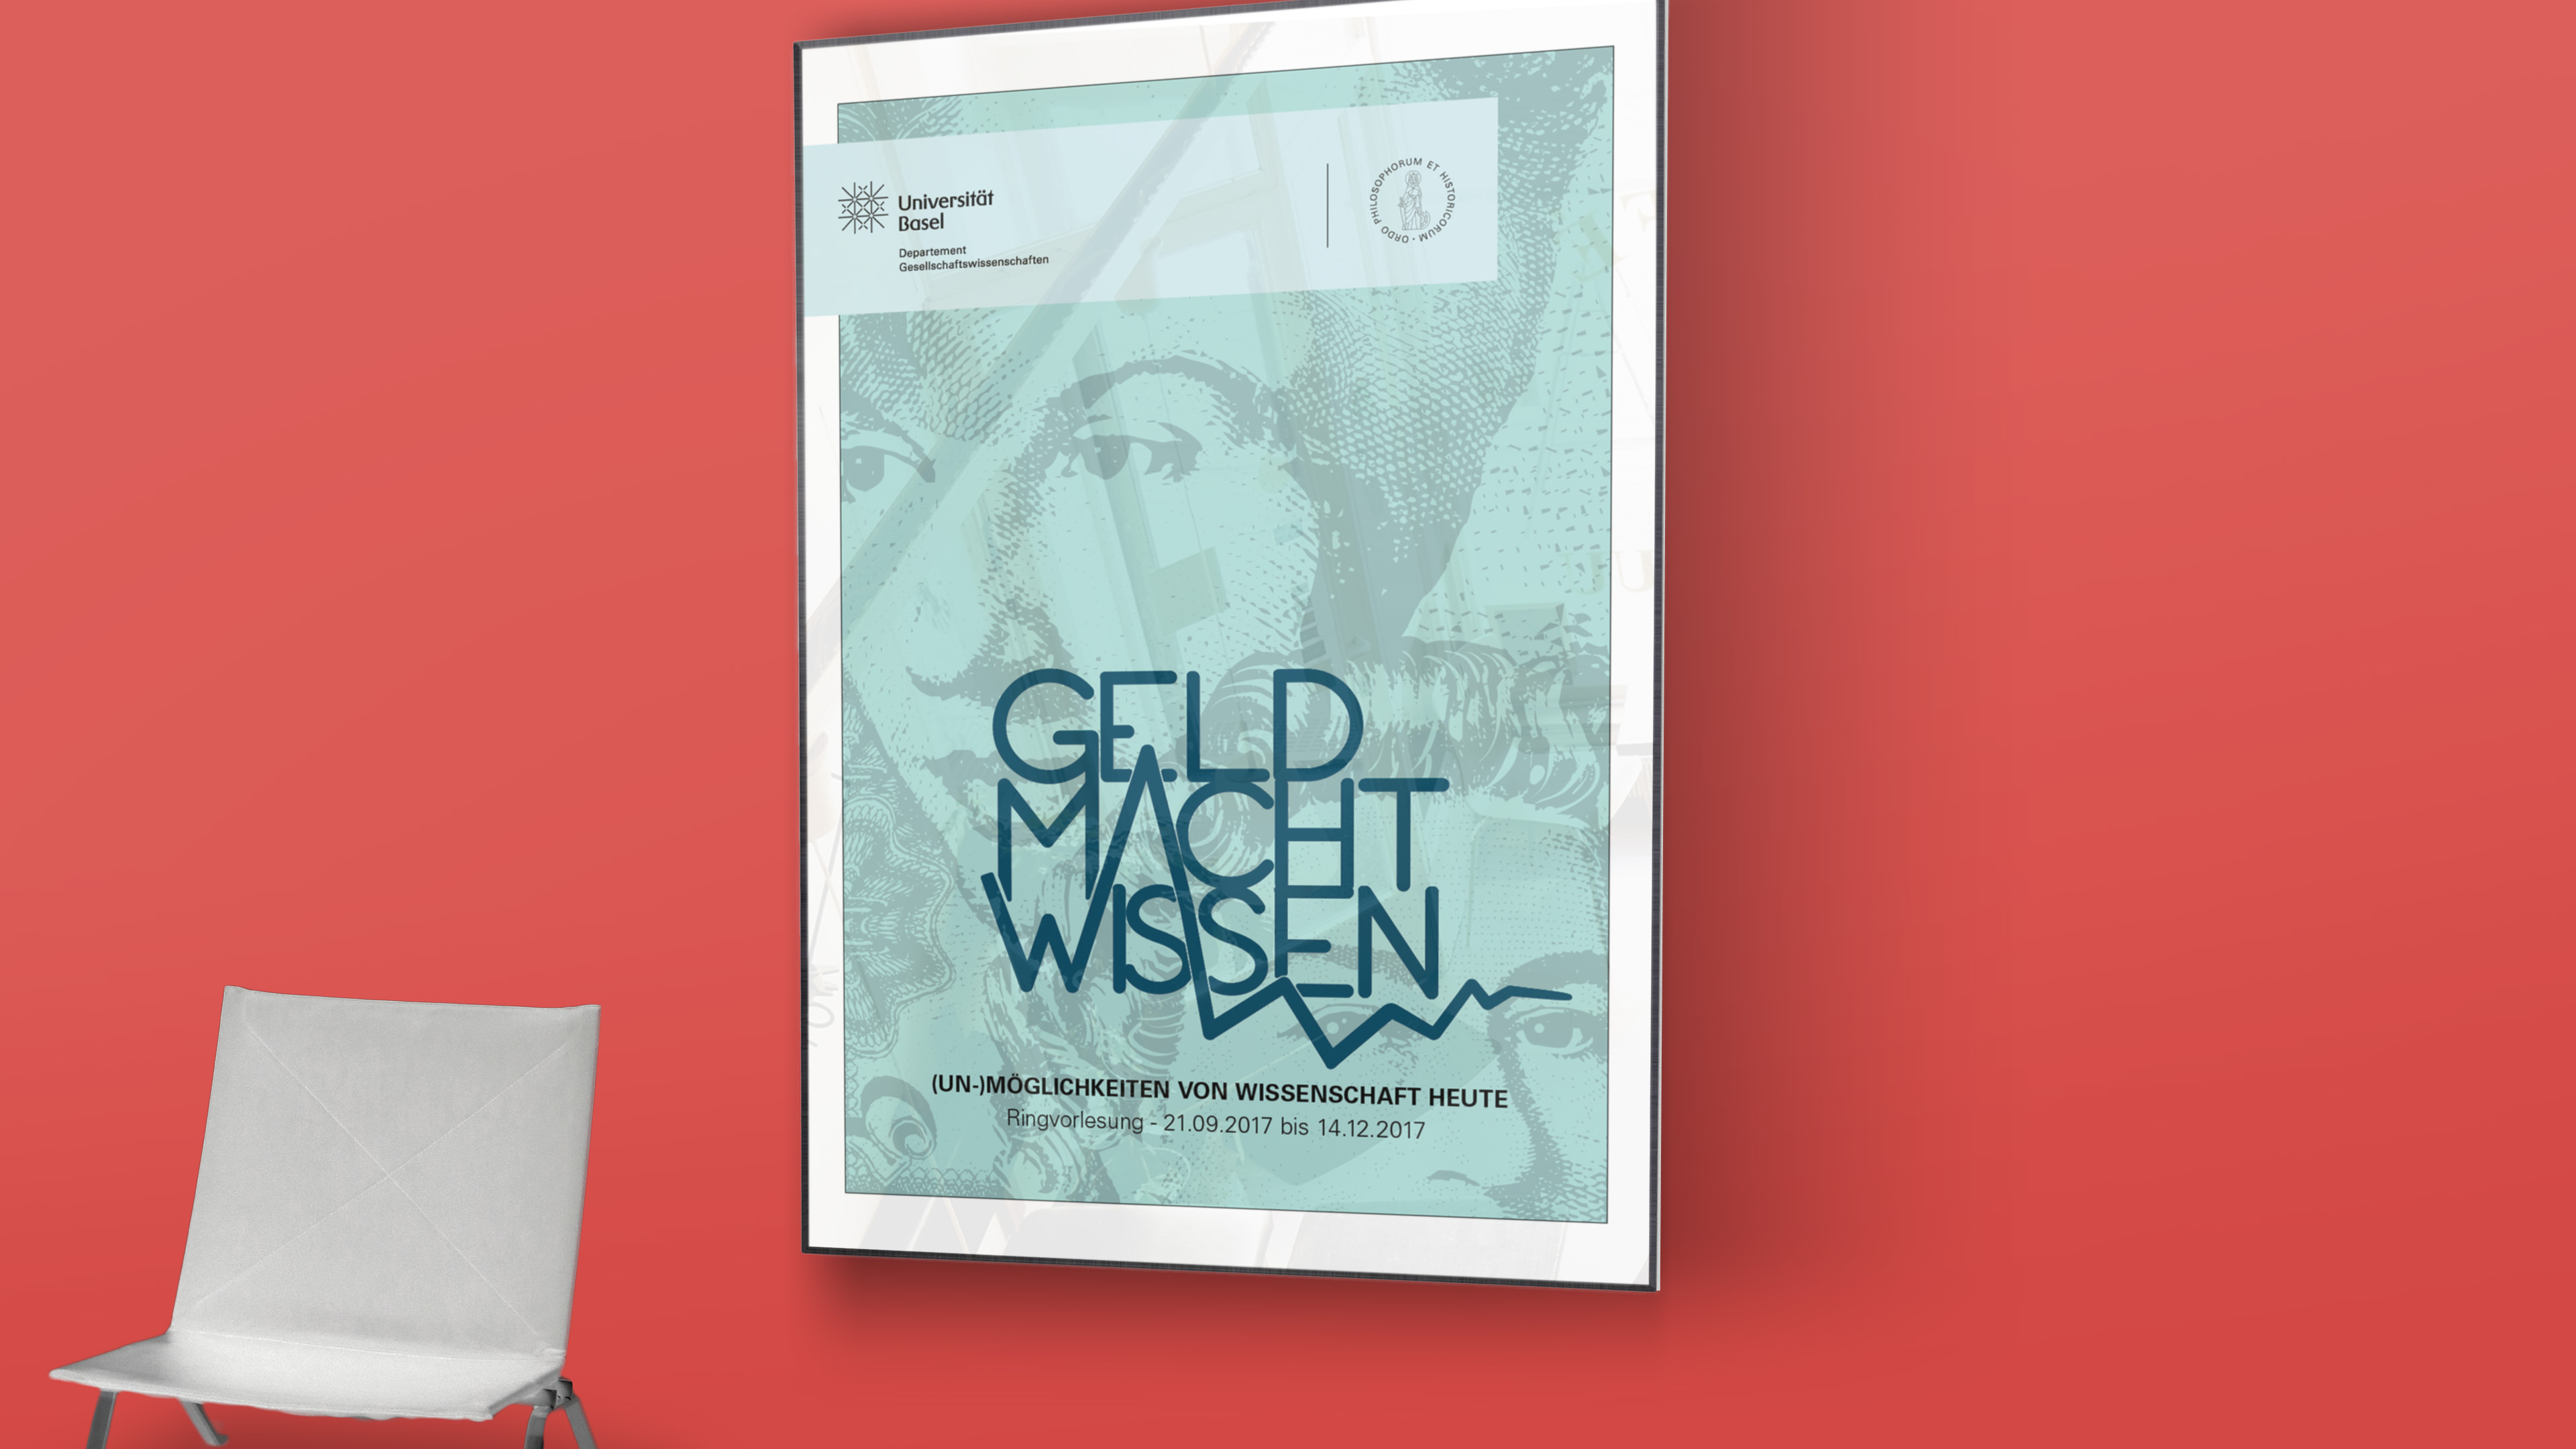 Universität Basel - Geld Macht Wissen